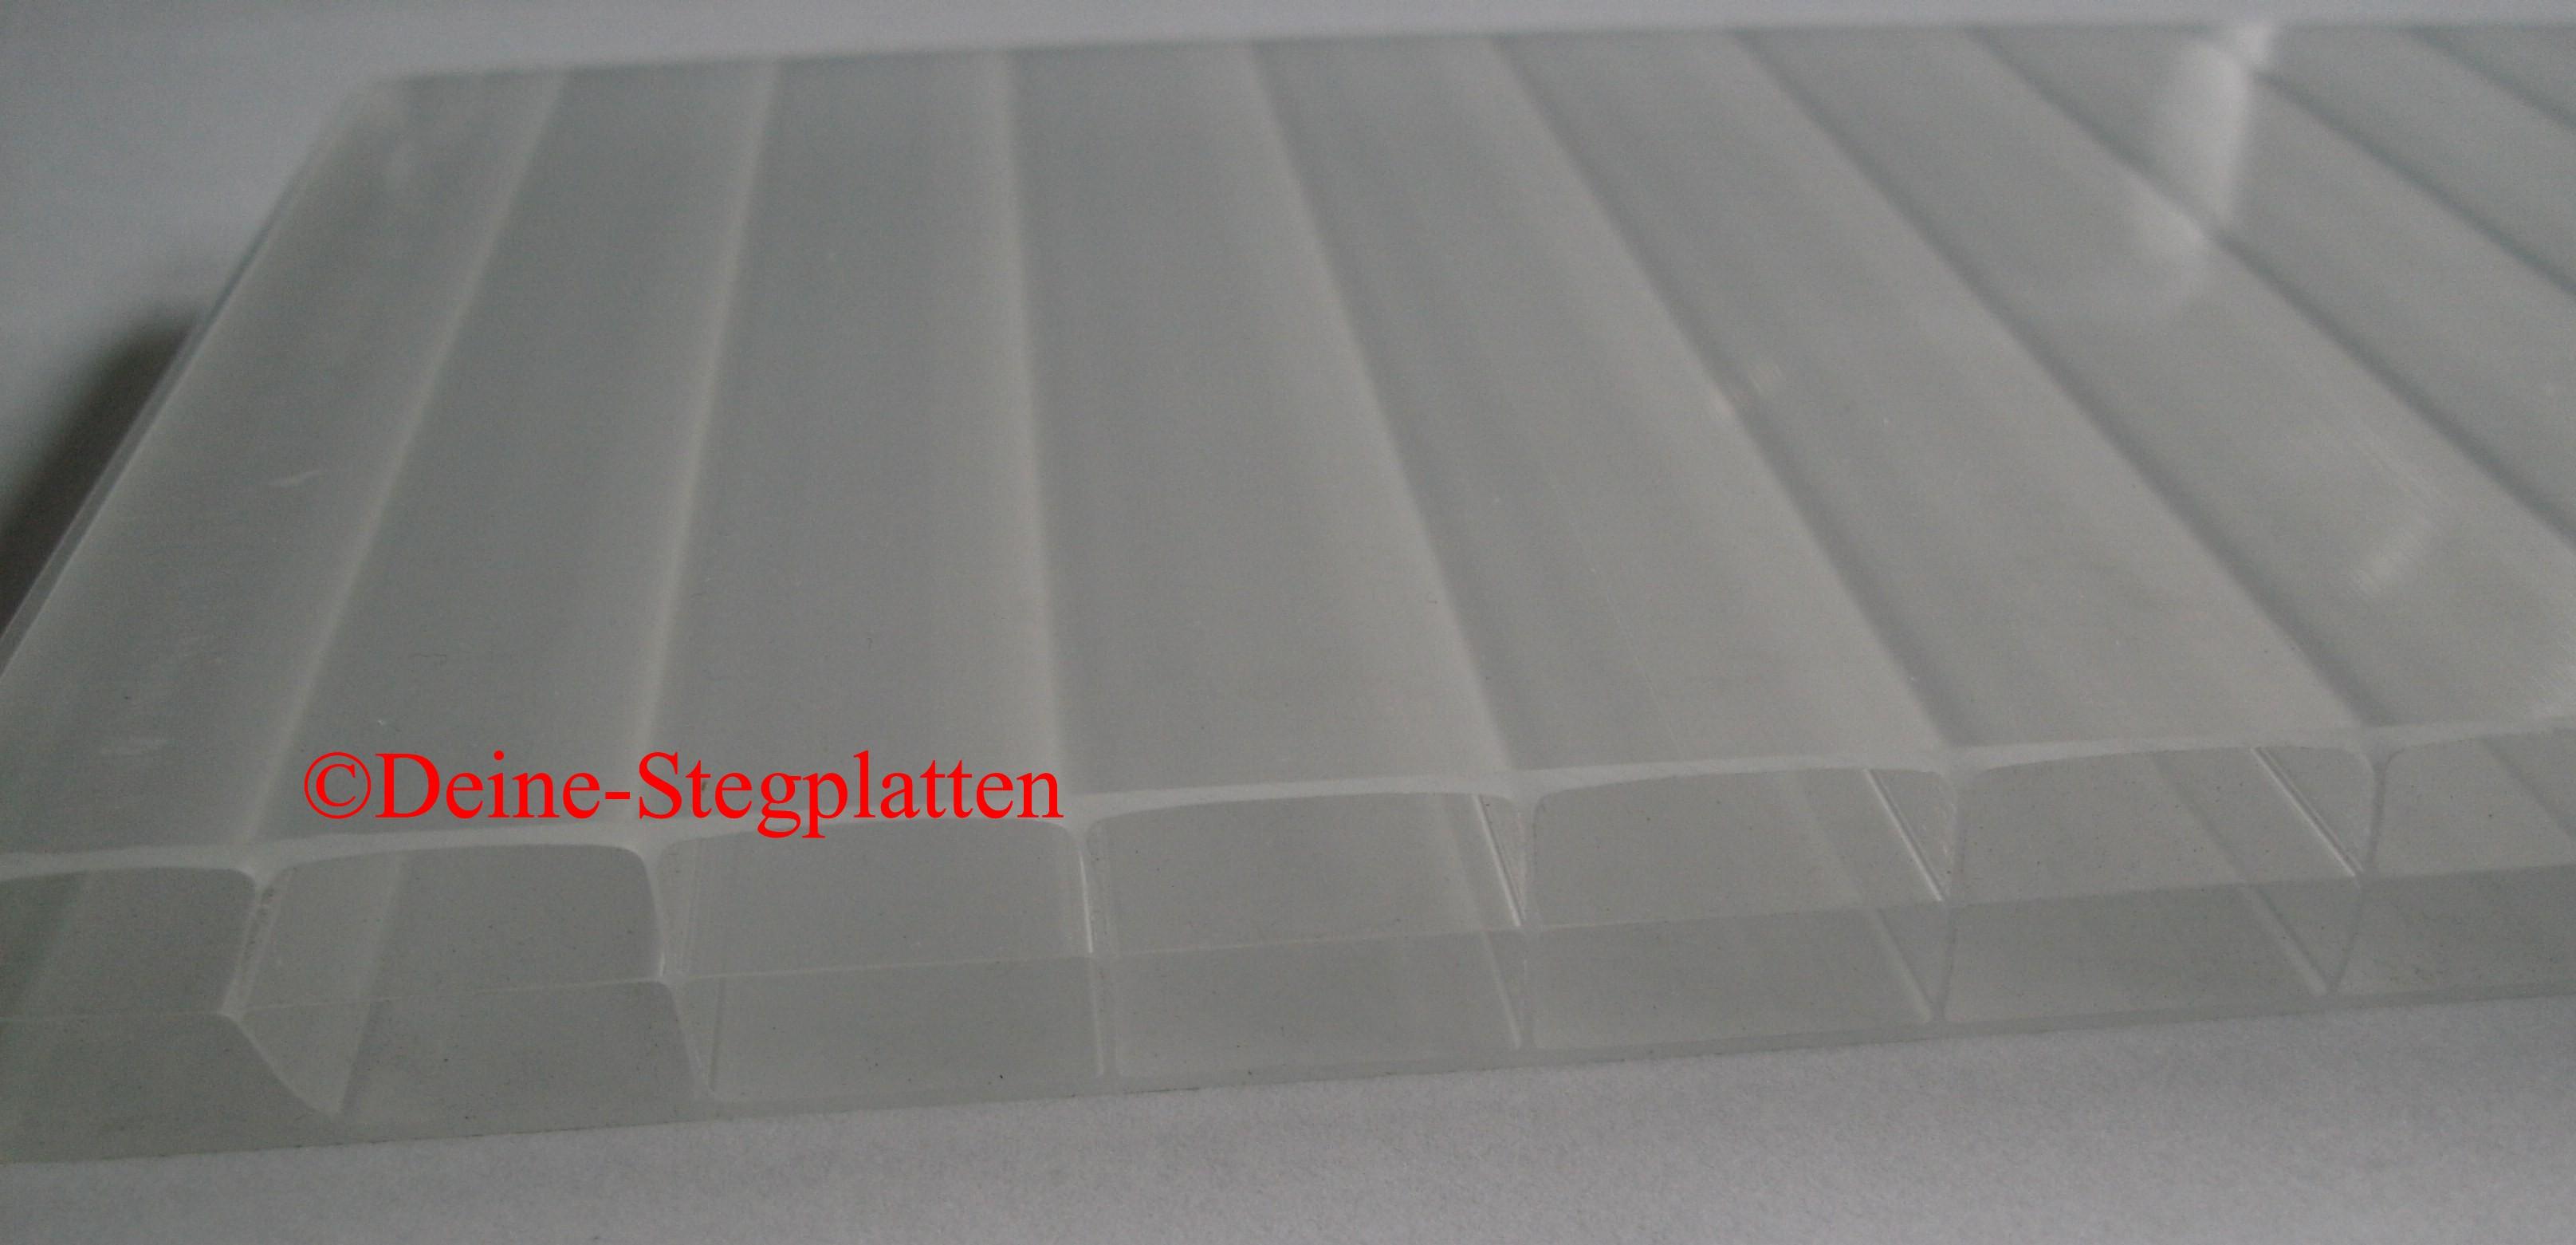 komplettdach terrassendach 16 mm stegplatten sdp opal 4x5 m mit zubeh r ebay. Black Bedroom Furniture Sets. Home Design Ideas